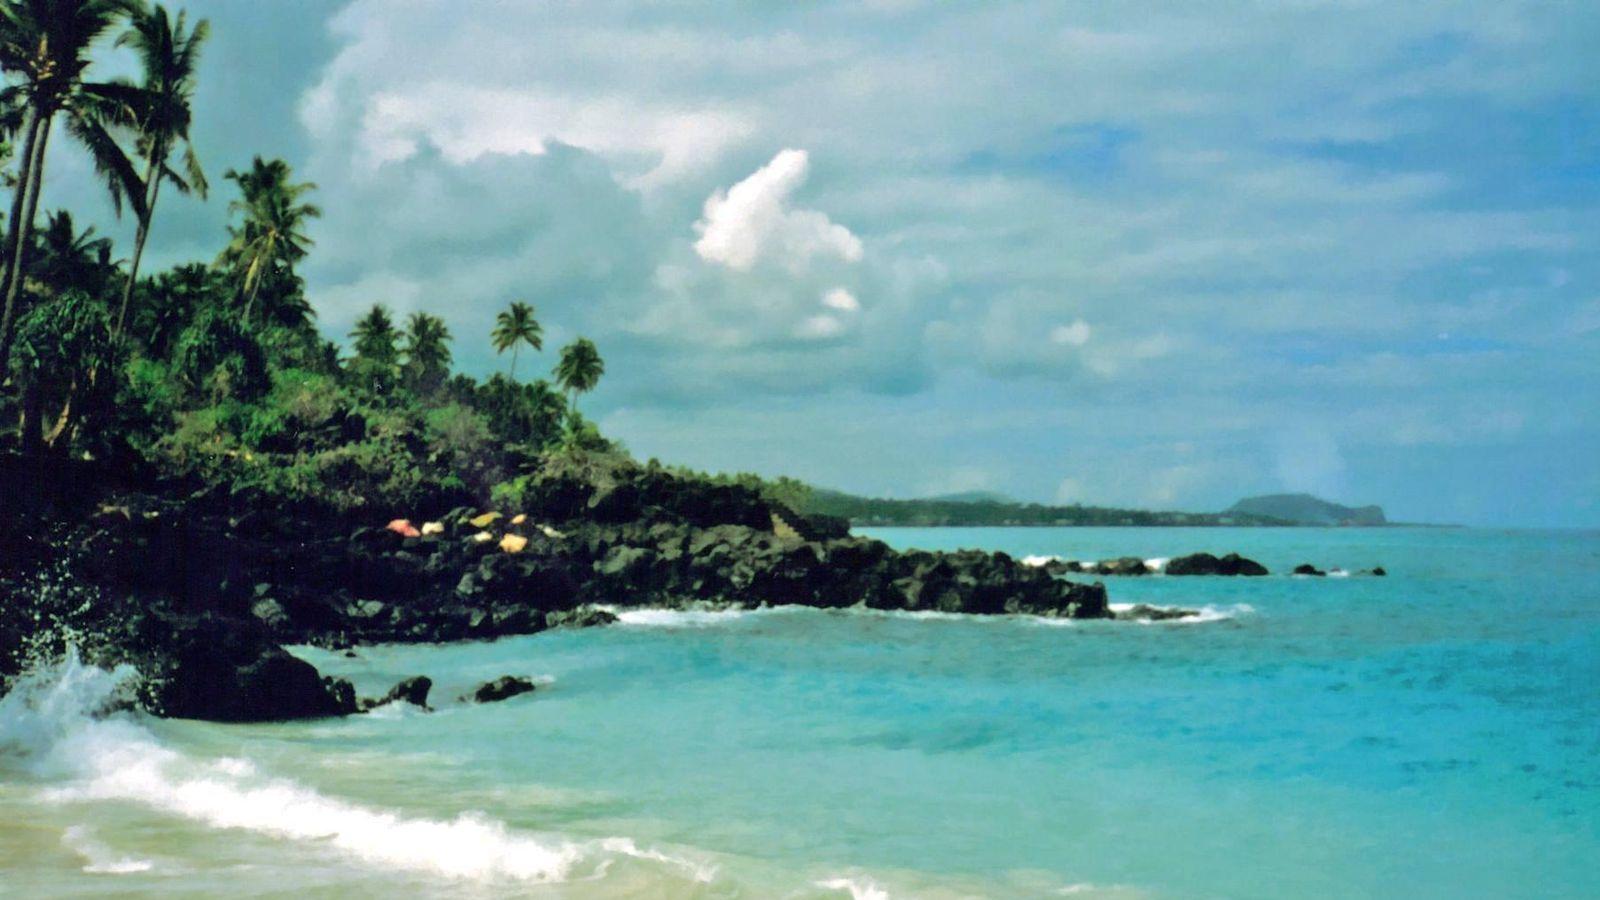 Foto: Las islas Comoras se encuentran en el Océano Índico. (CC/Botev)